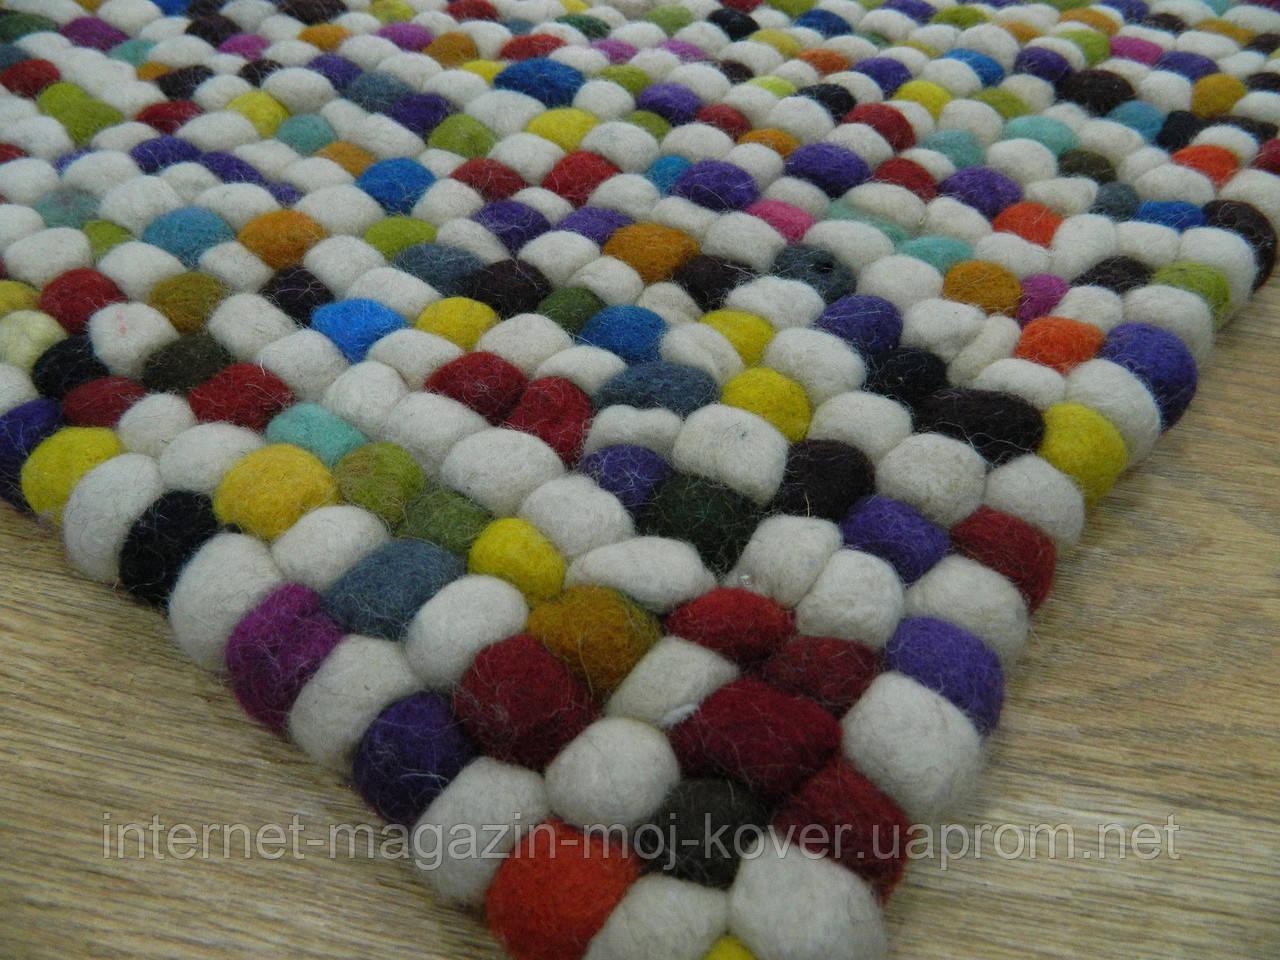 Оригинальные причудливые ковры ручной работы